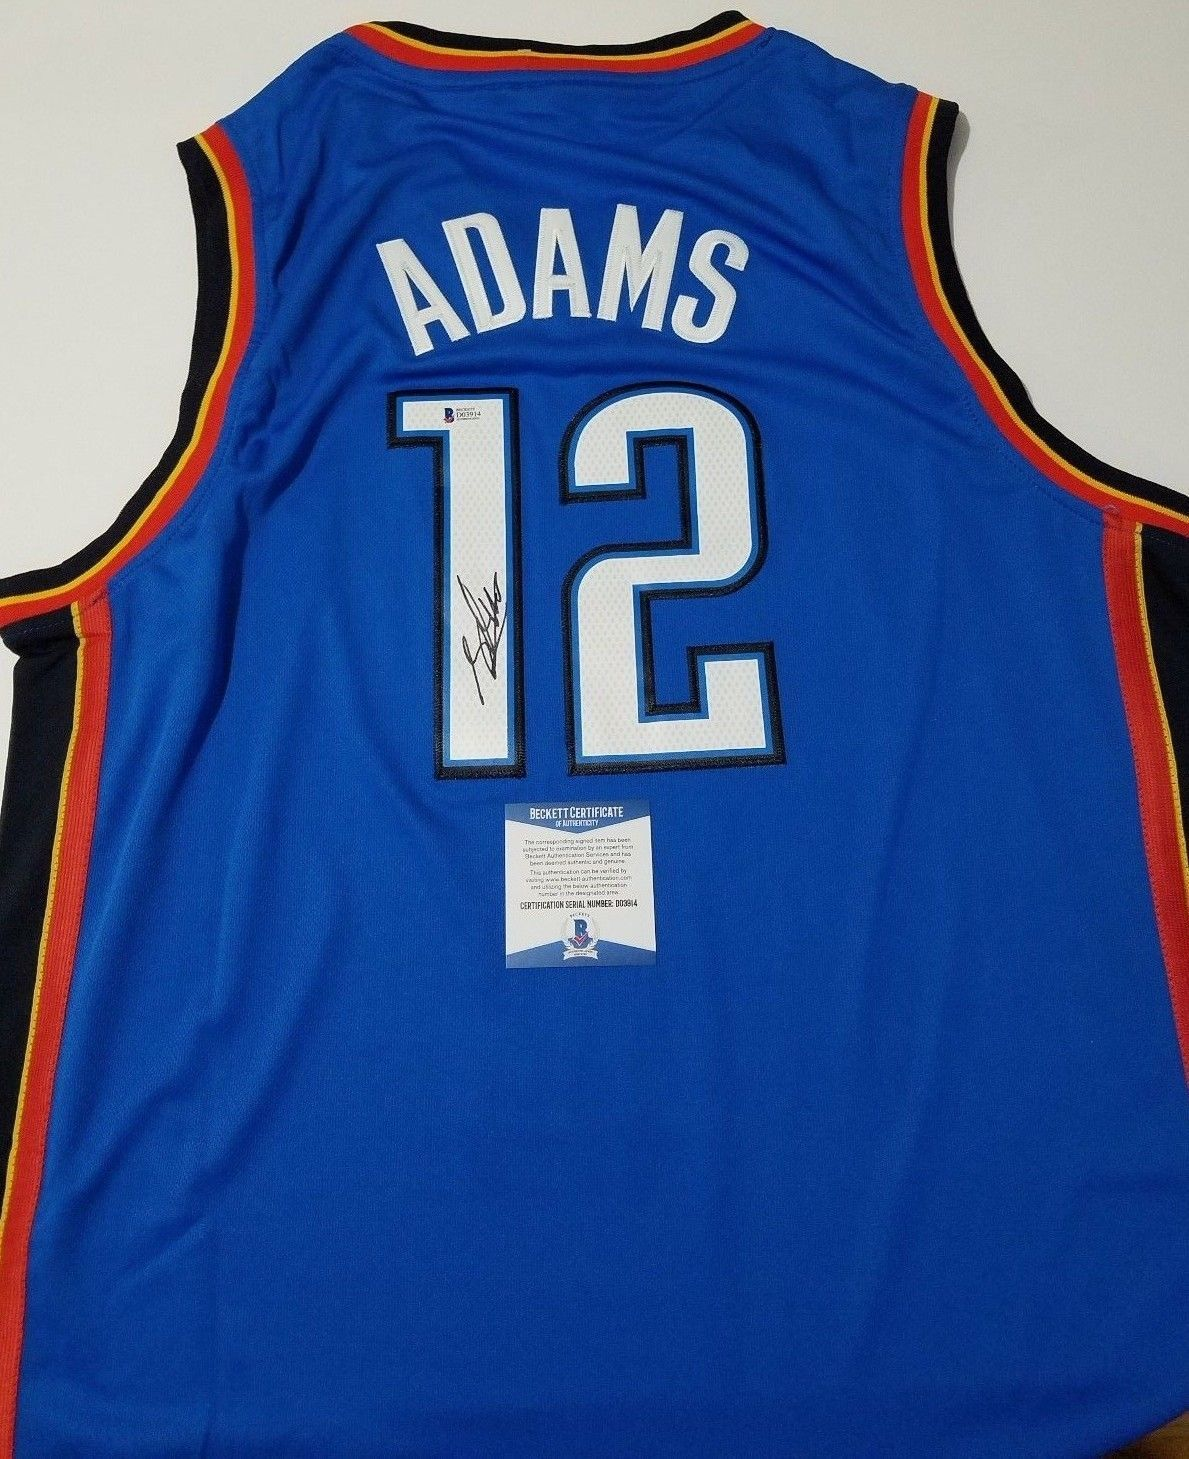 new style 00e5c f828f Steven Adams signed jersey BAS Beckett Oklahoma City Thunder ...